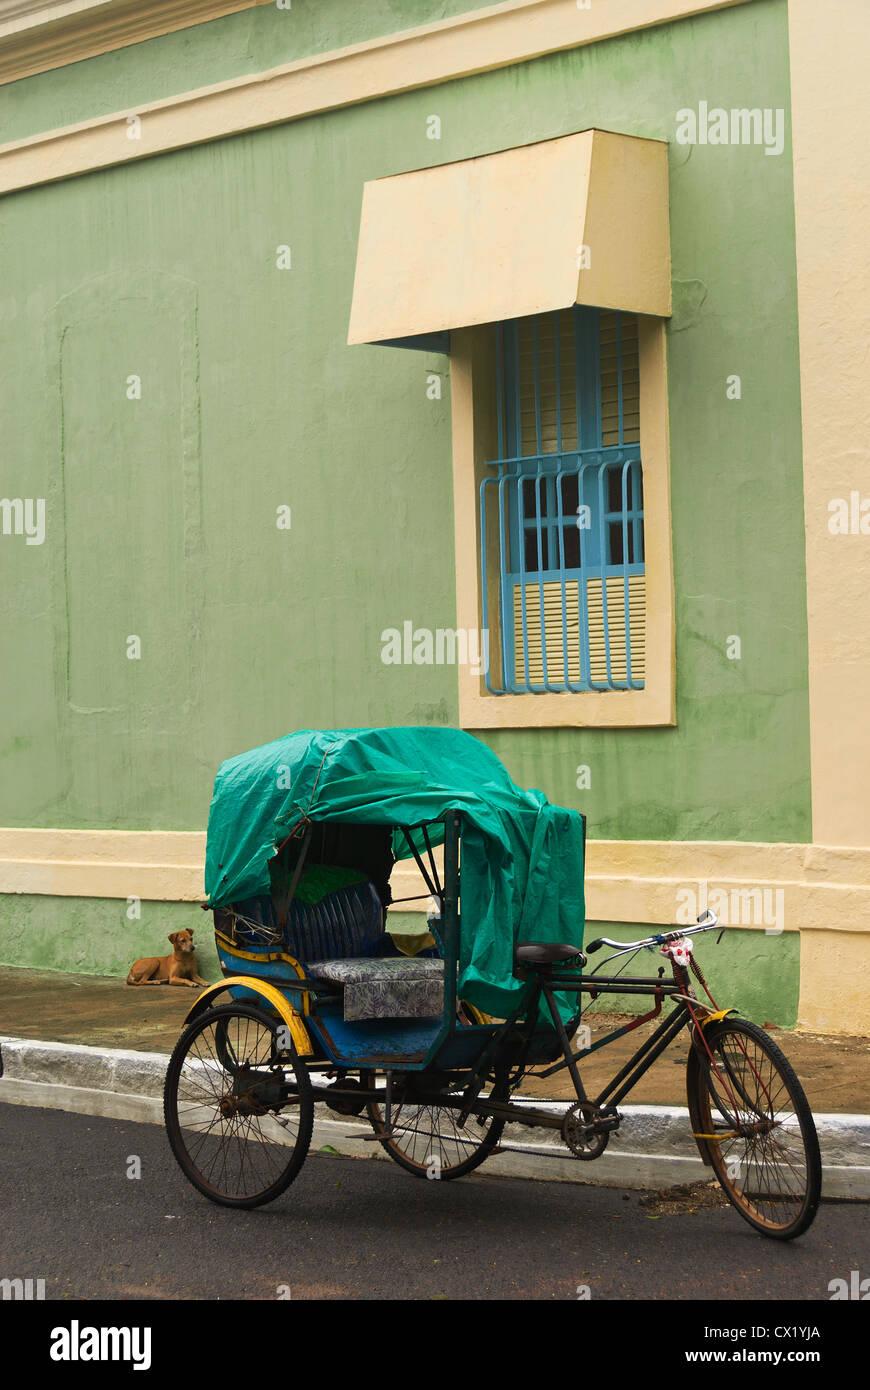 Elk201-4471v India, Tamil Nadu, Pondicherry, French Quarter, street scene with cycle rickshaw - Stock Image